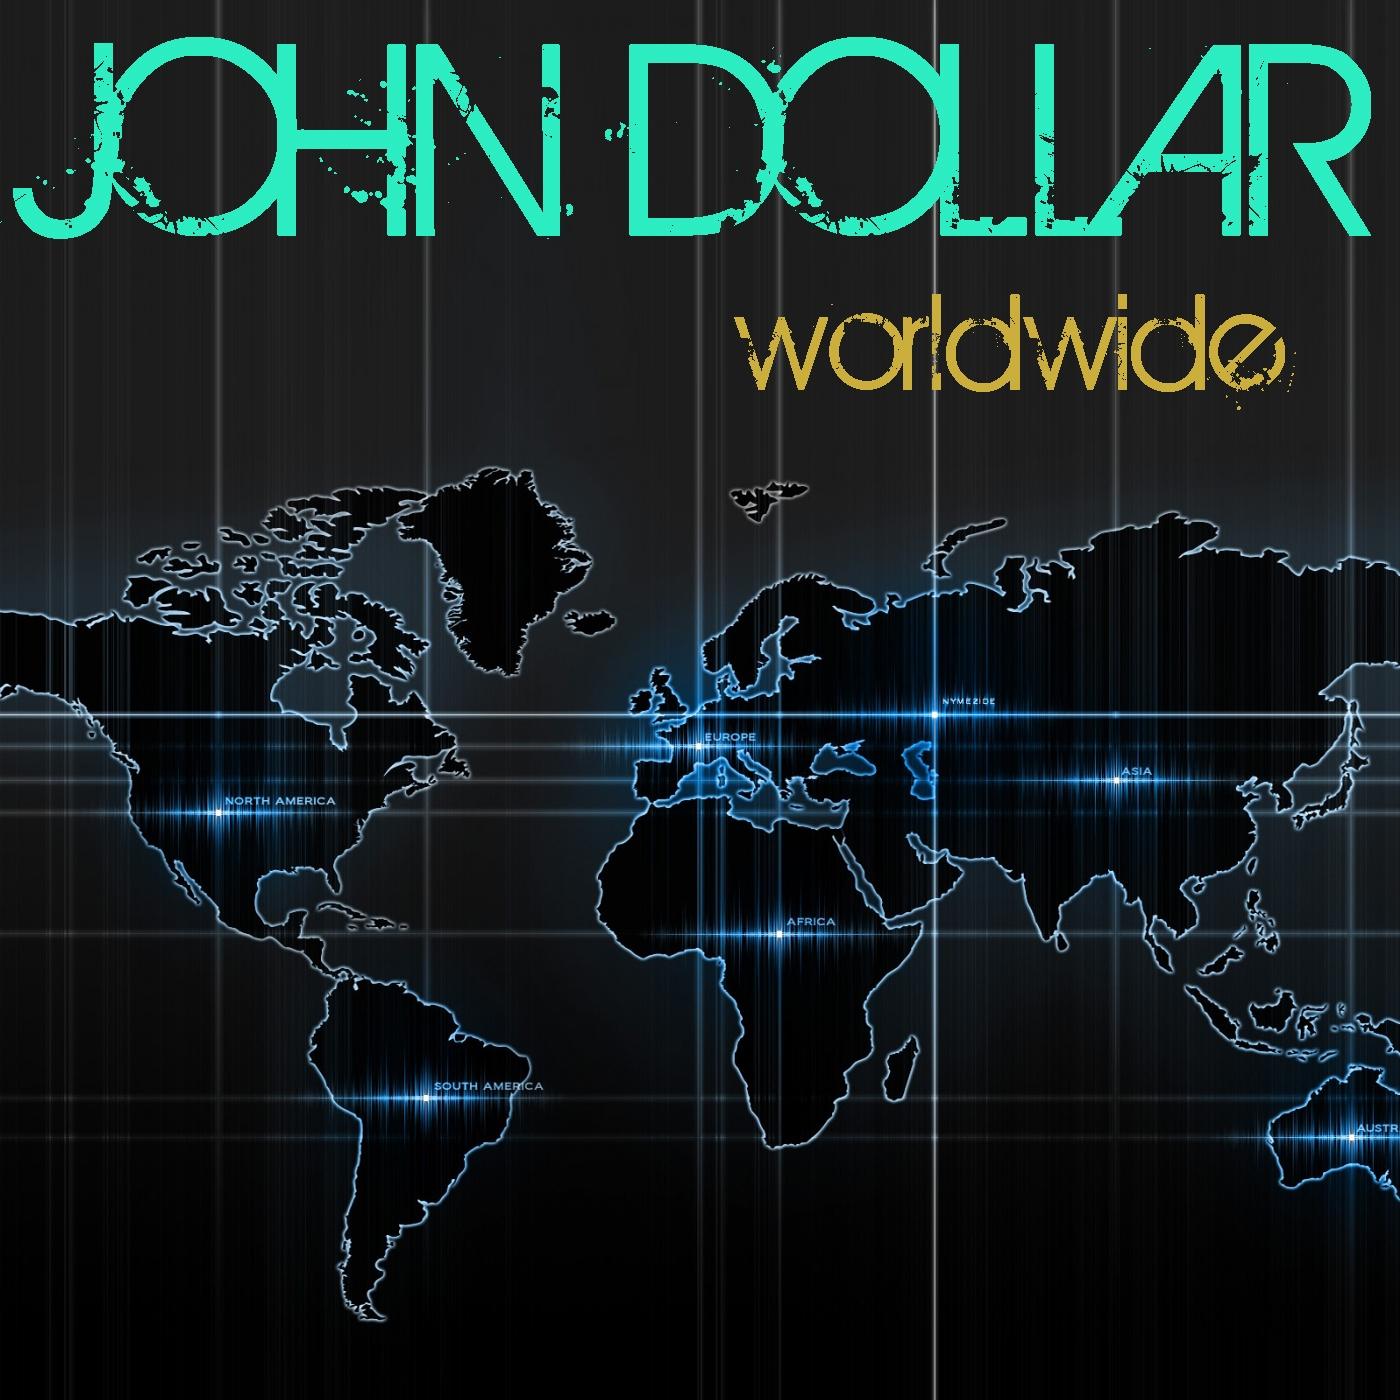 John Dollar - Energy (Original Mix)